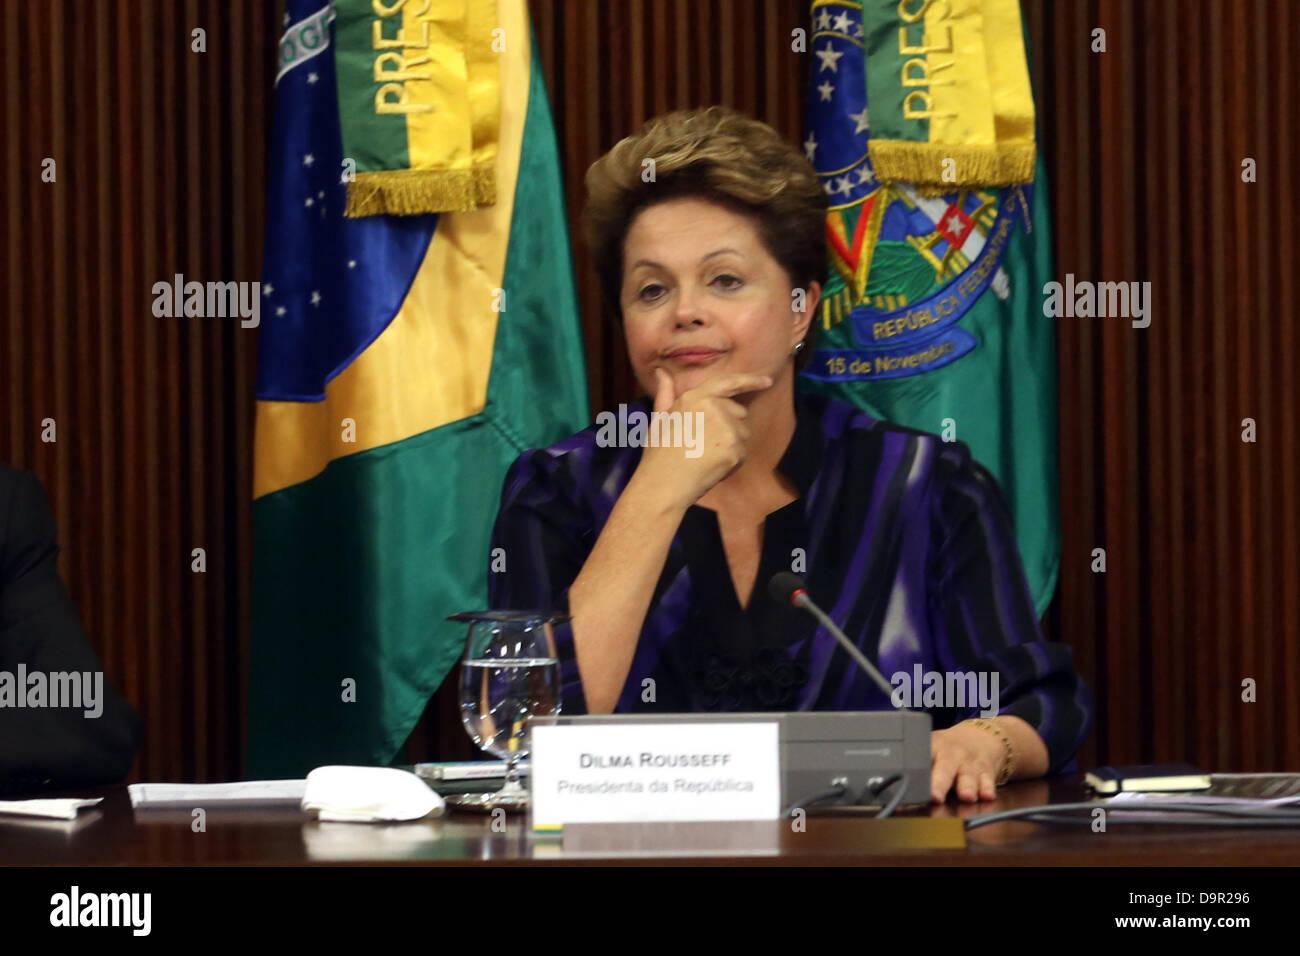 Brasilia, Brasilien, 24. Juni 2013. Brasiliens Präsidentin Dilma Rousseff trifft sich mit Gouverneure und Bürgermeister Stockfoto